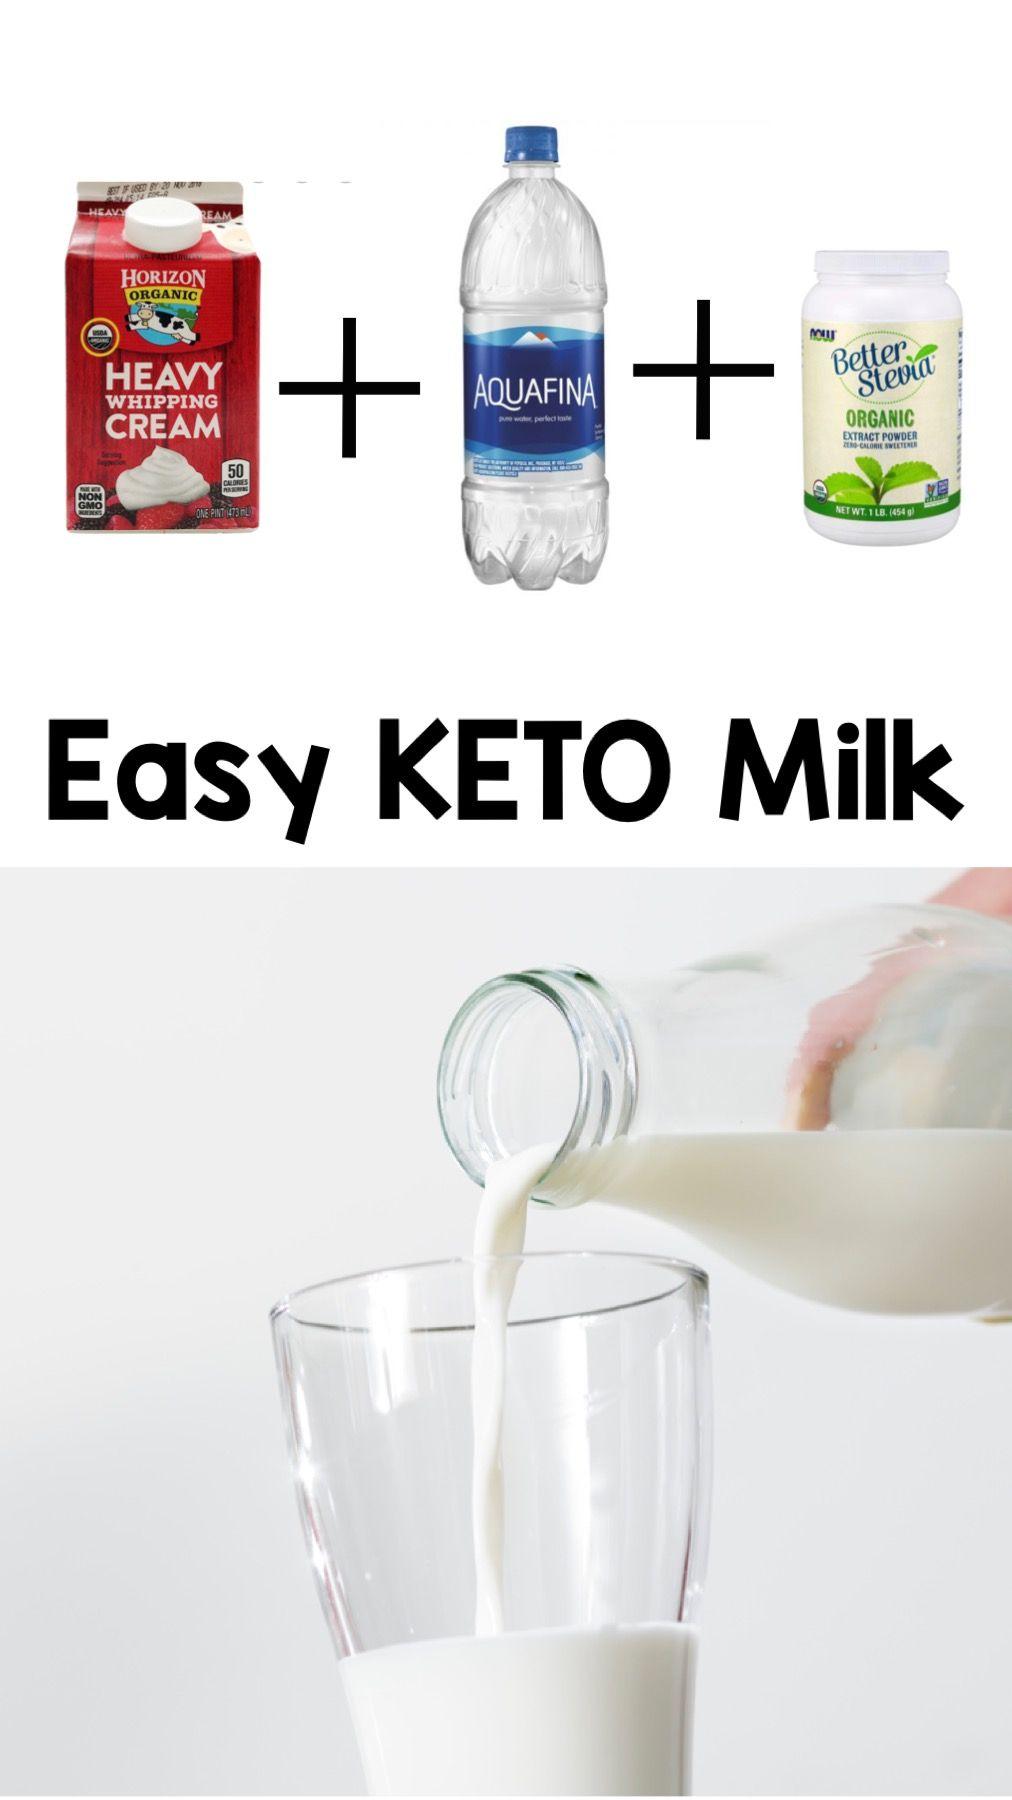 keto diet milk substitute